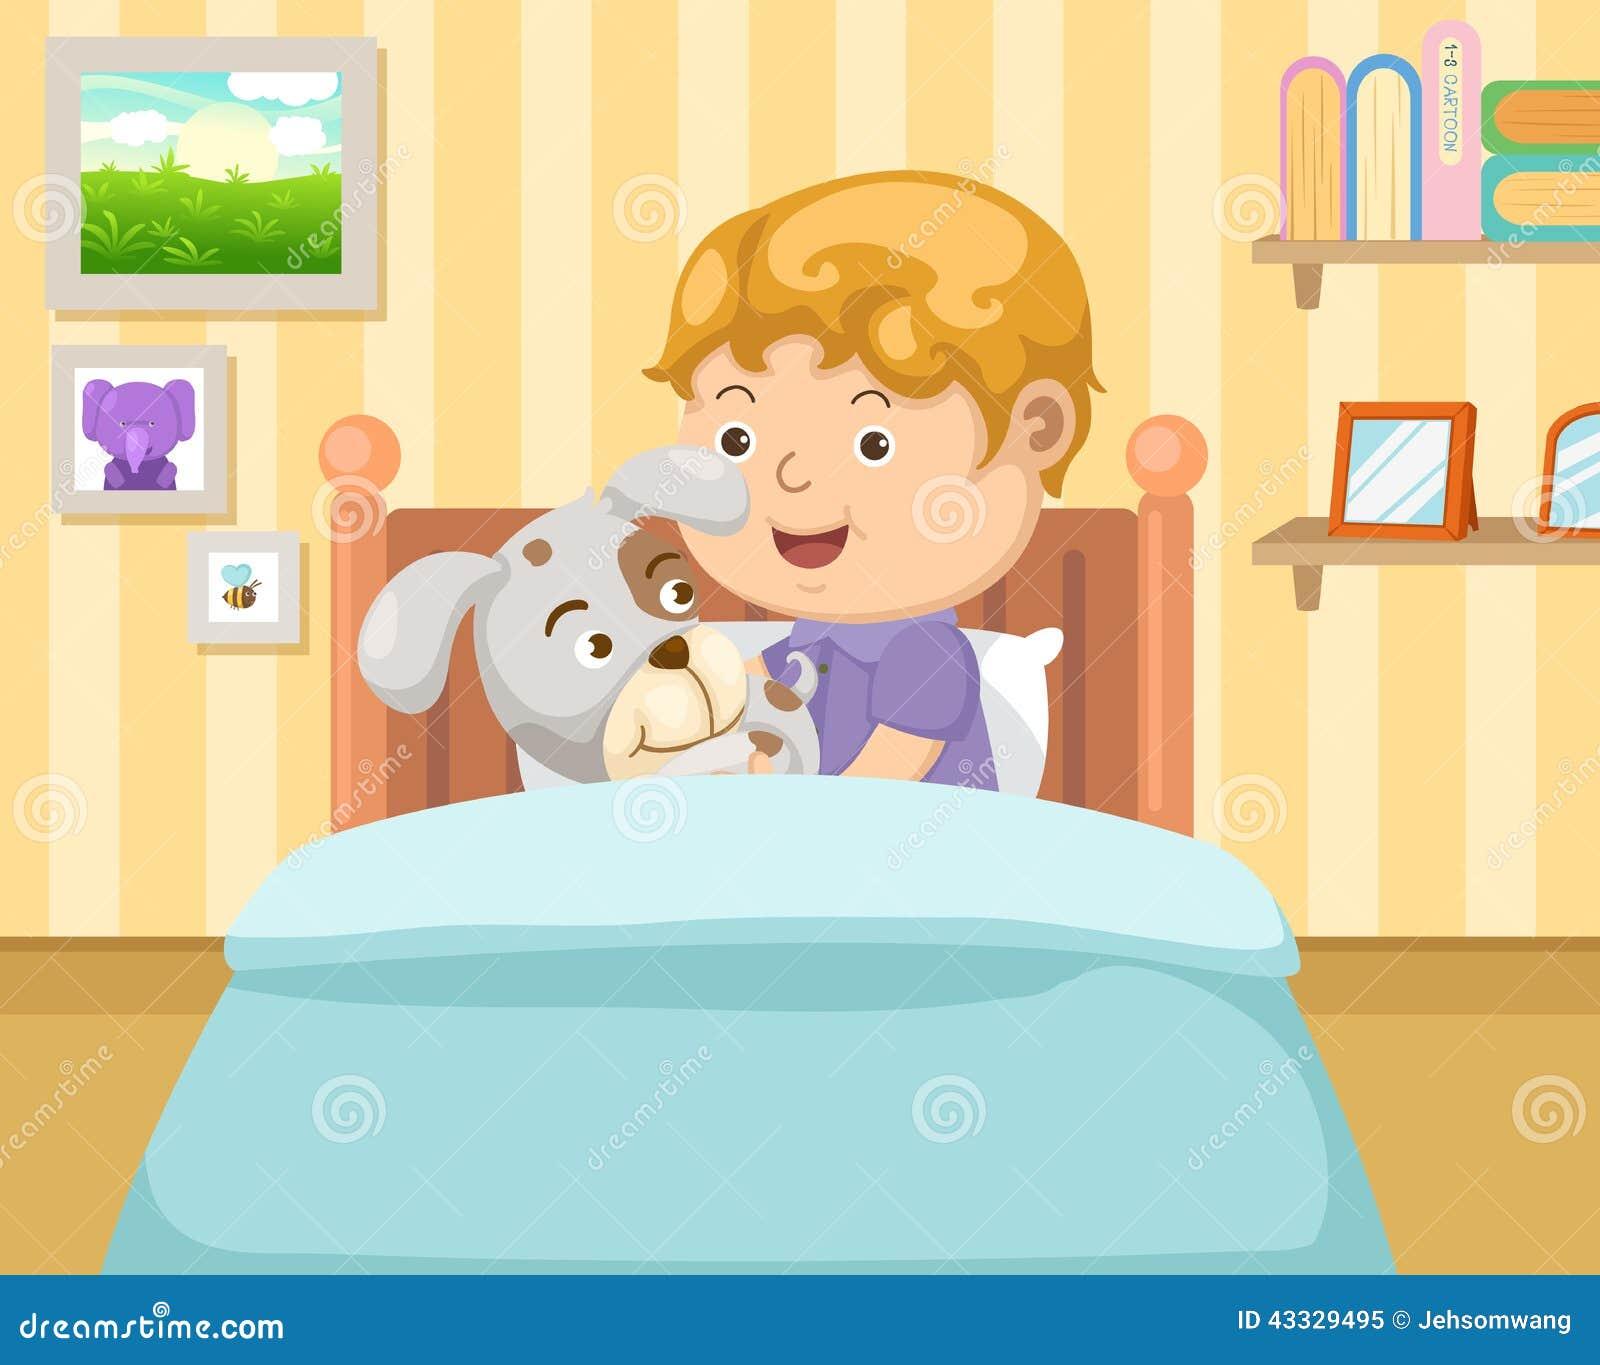 Junge mit hund im schlafzimmer vektor abbildung for Schlafzimmer junge